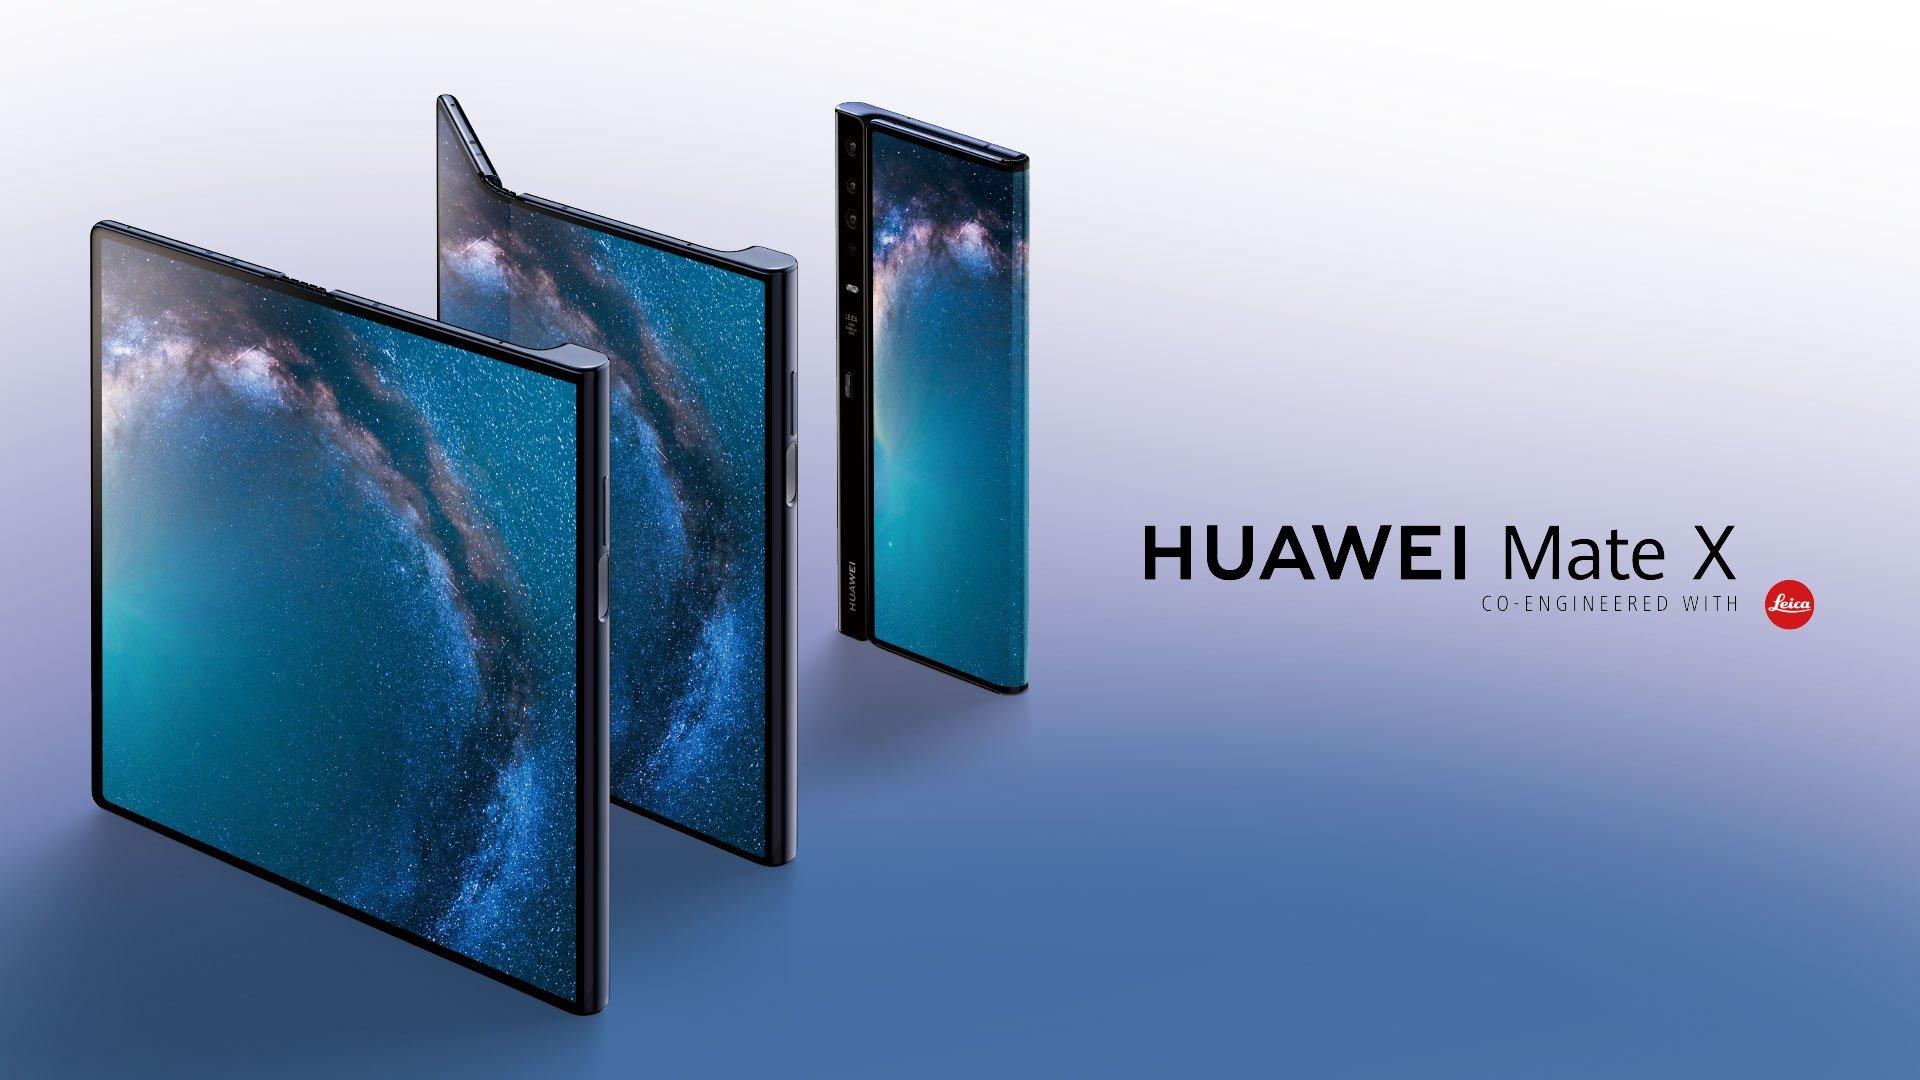 هواوي ستقوم ببعض التغييرات على هاتف Mate X قبل إطلاقه